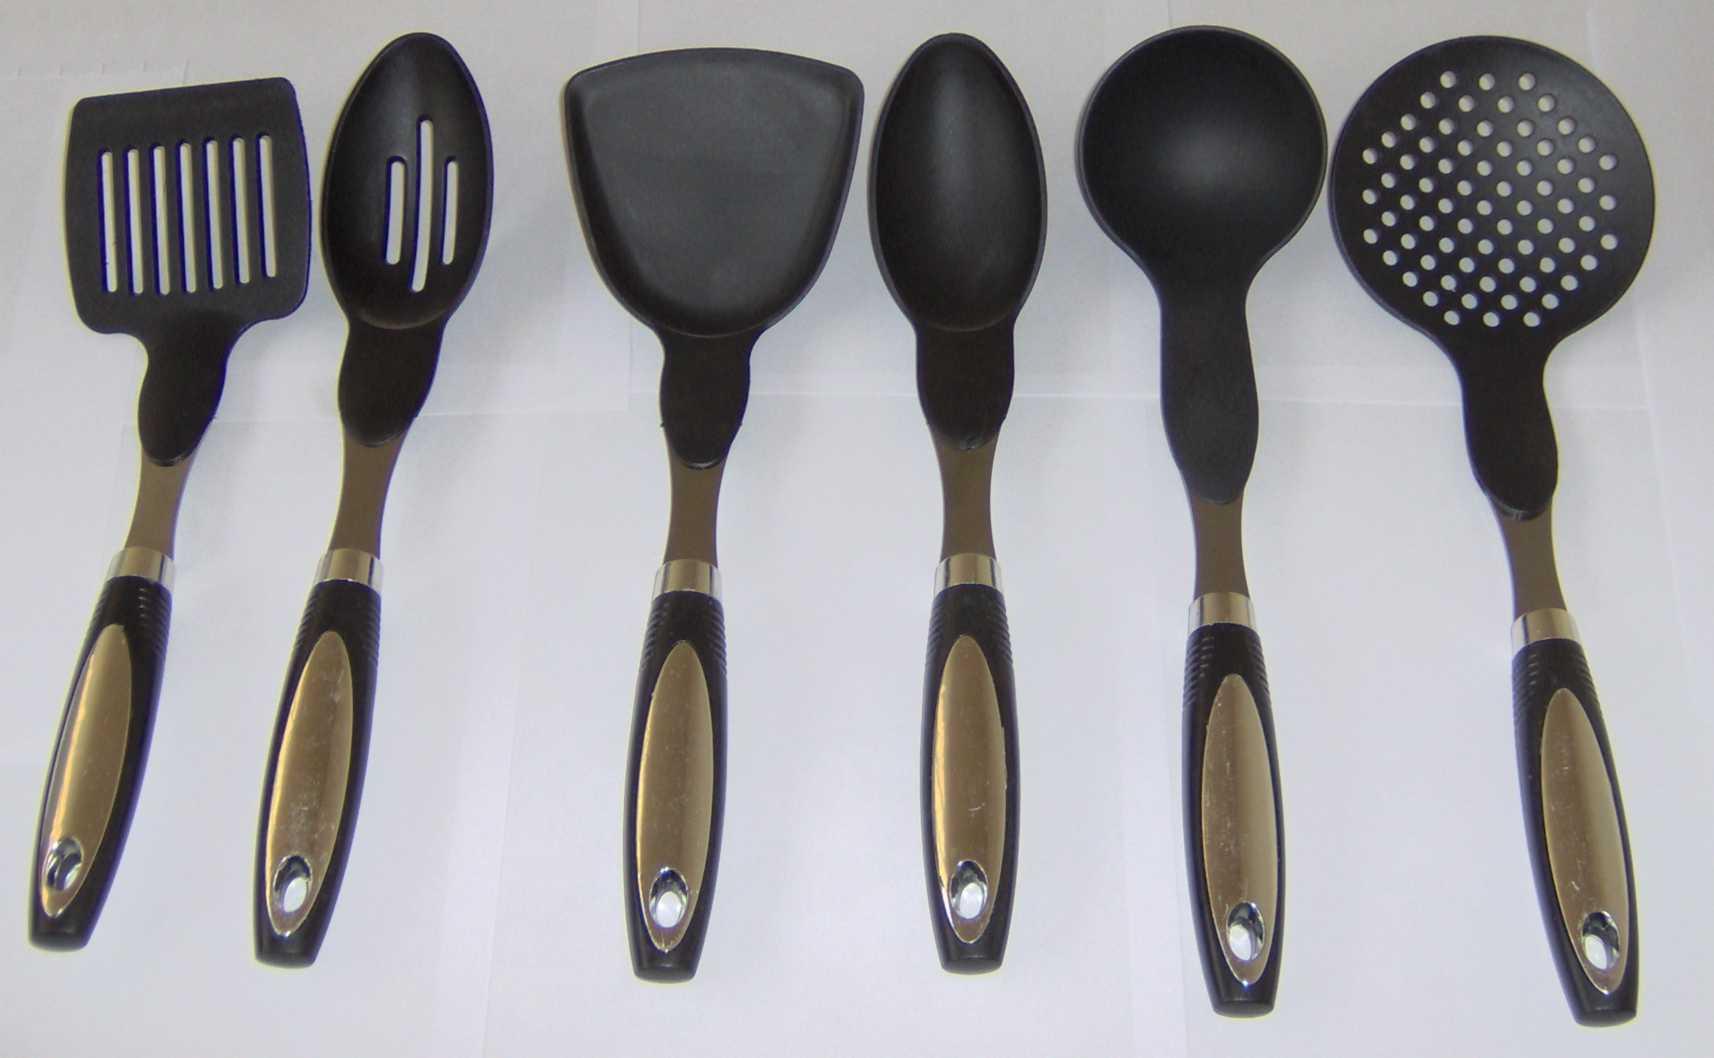 Sirge elettrodomestici set 6 mestoli da cucina con cestell for Kit utensili da cucina